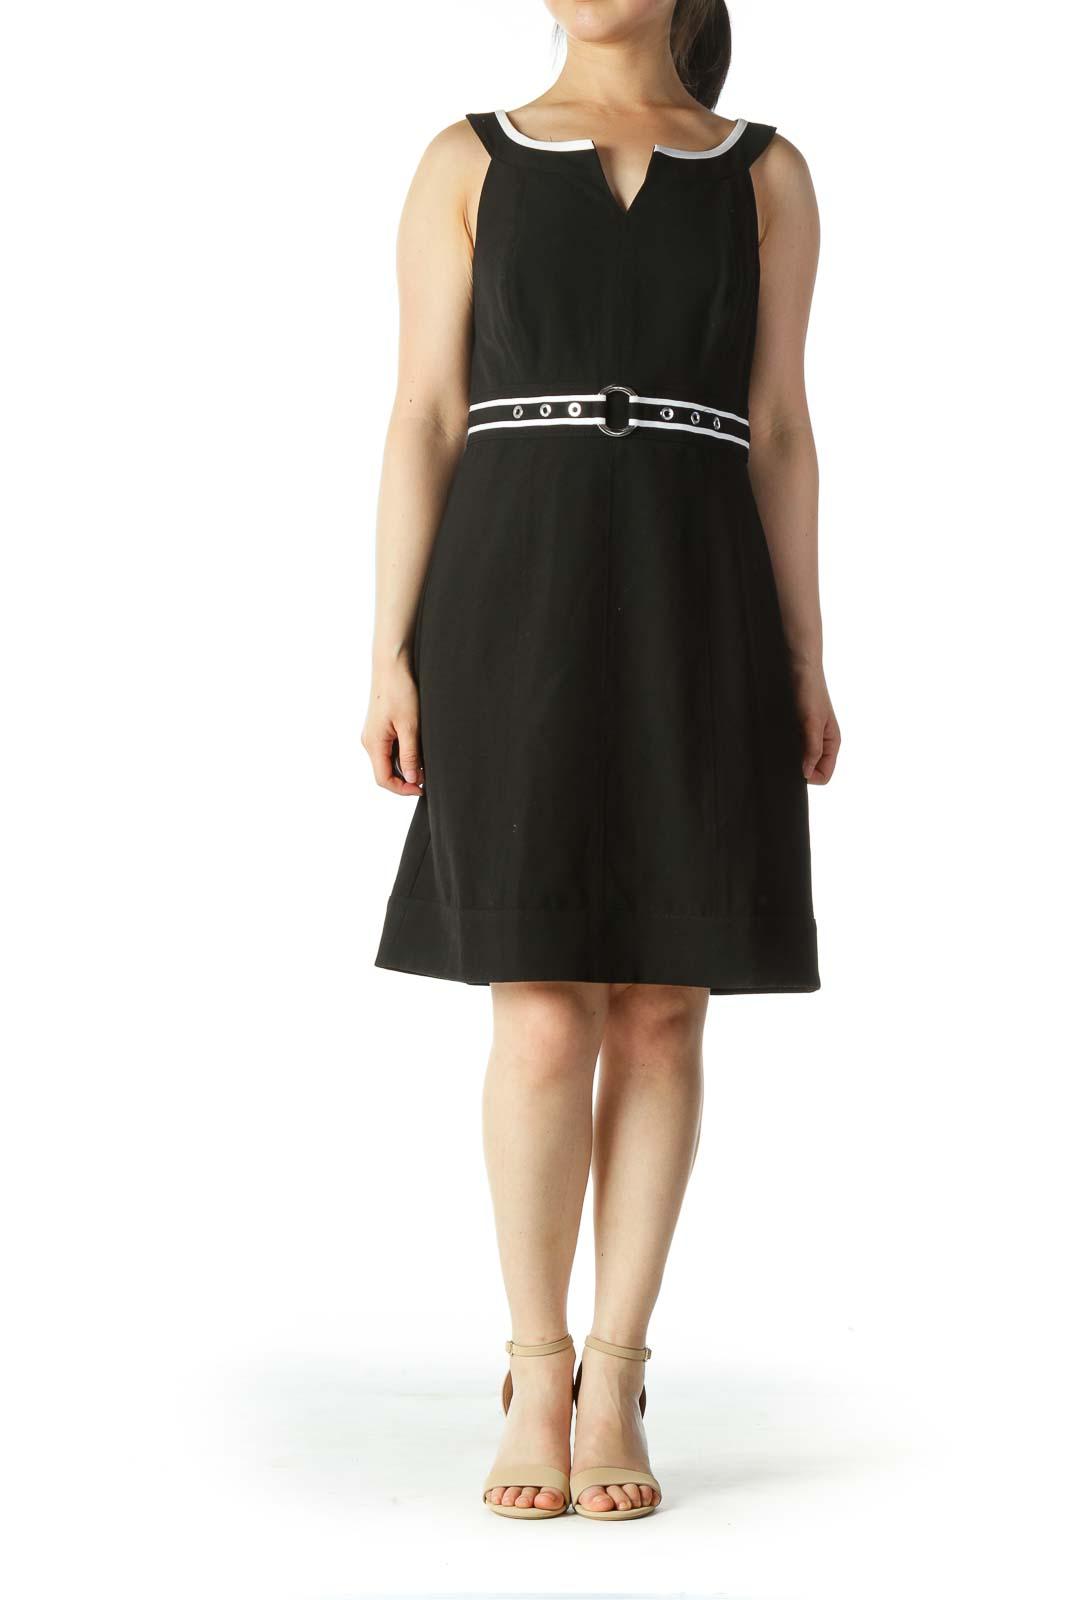 Black White Built-In Belt Work Dress